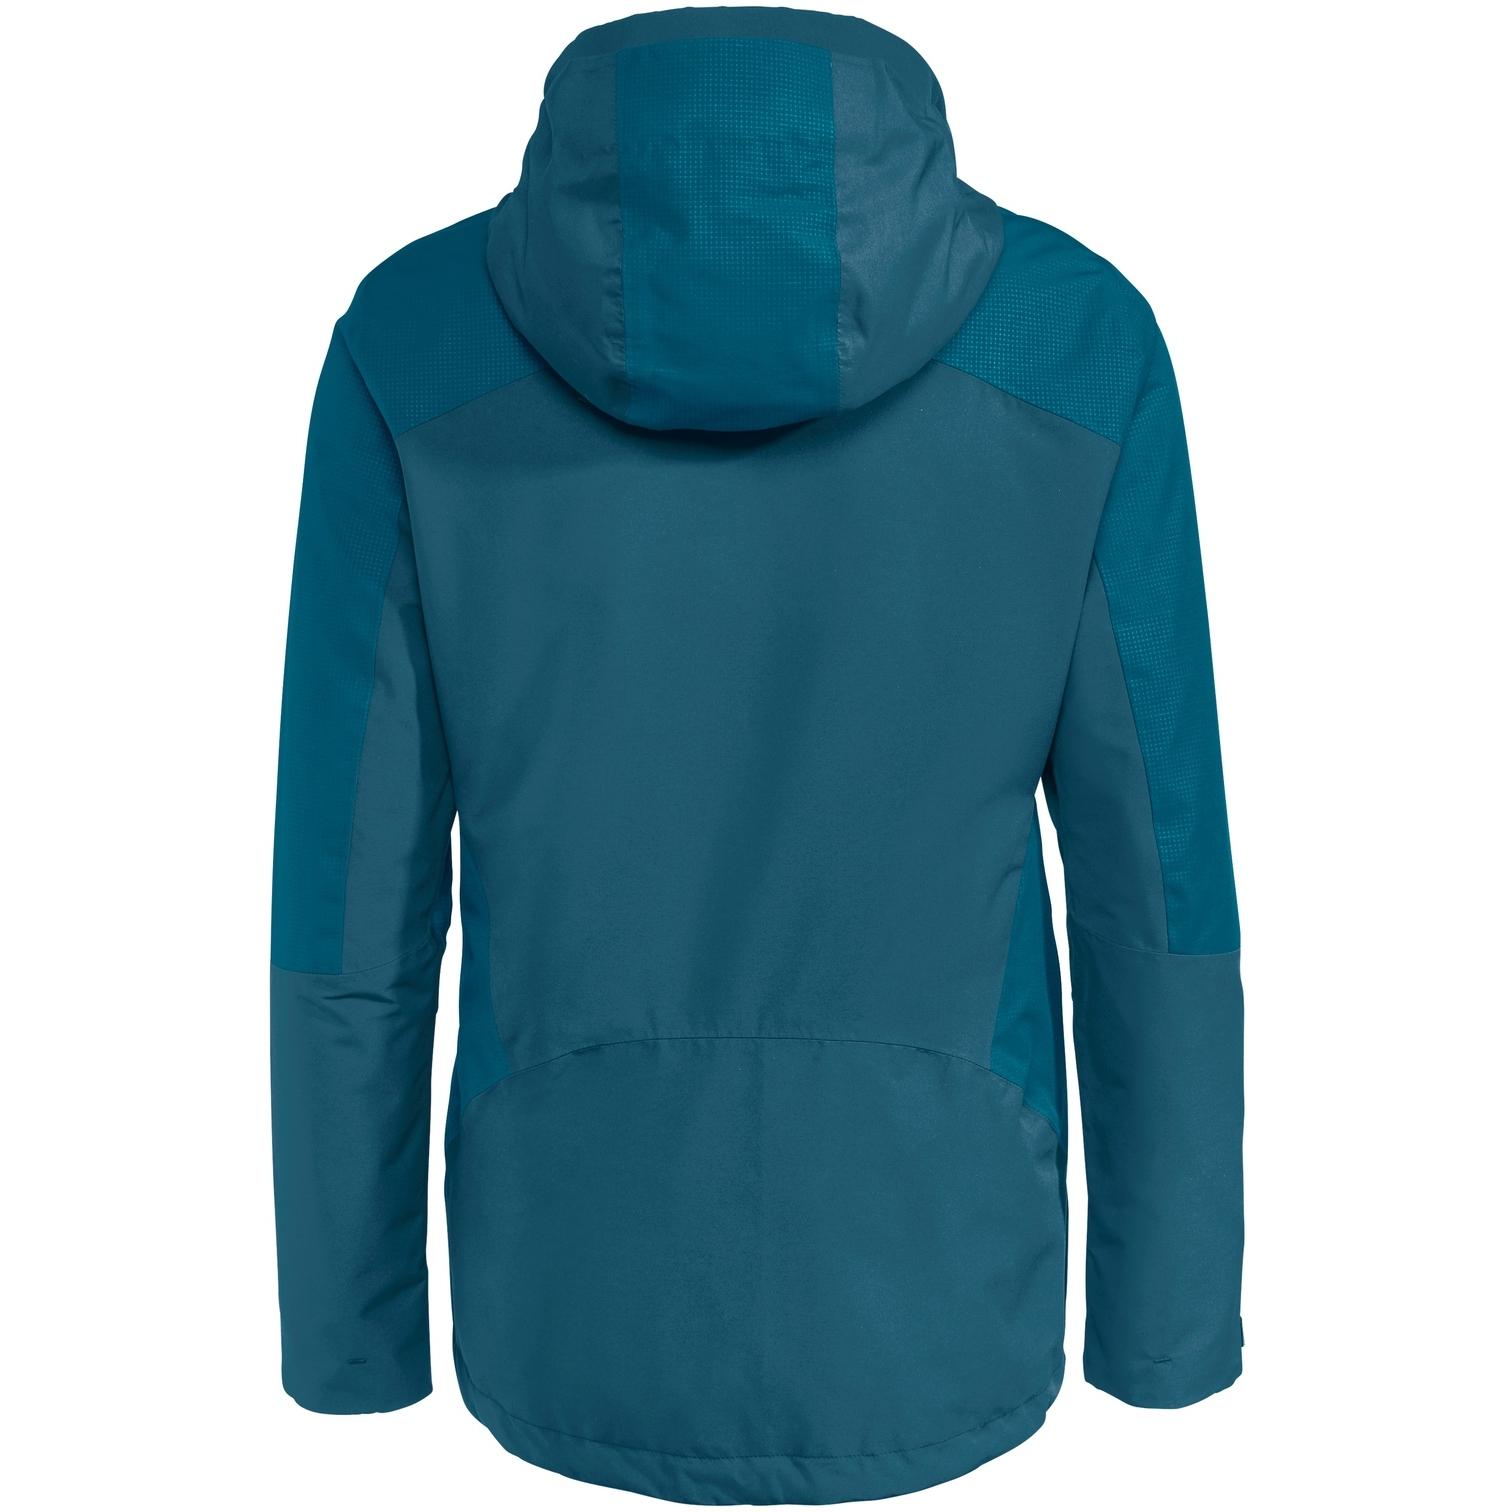 Image of Vaude Women's Elope 3in1 Jacket - blue sapphire